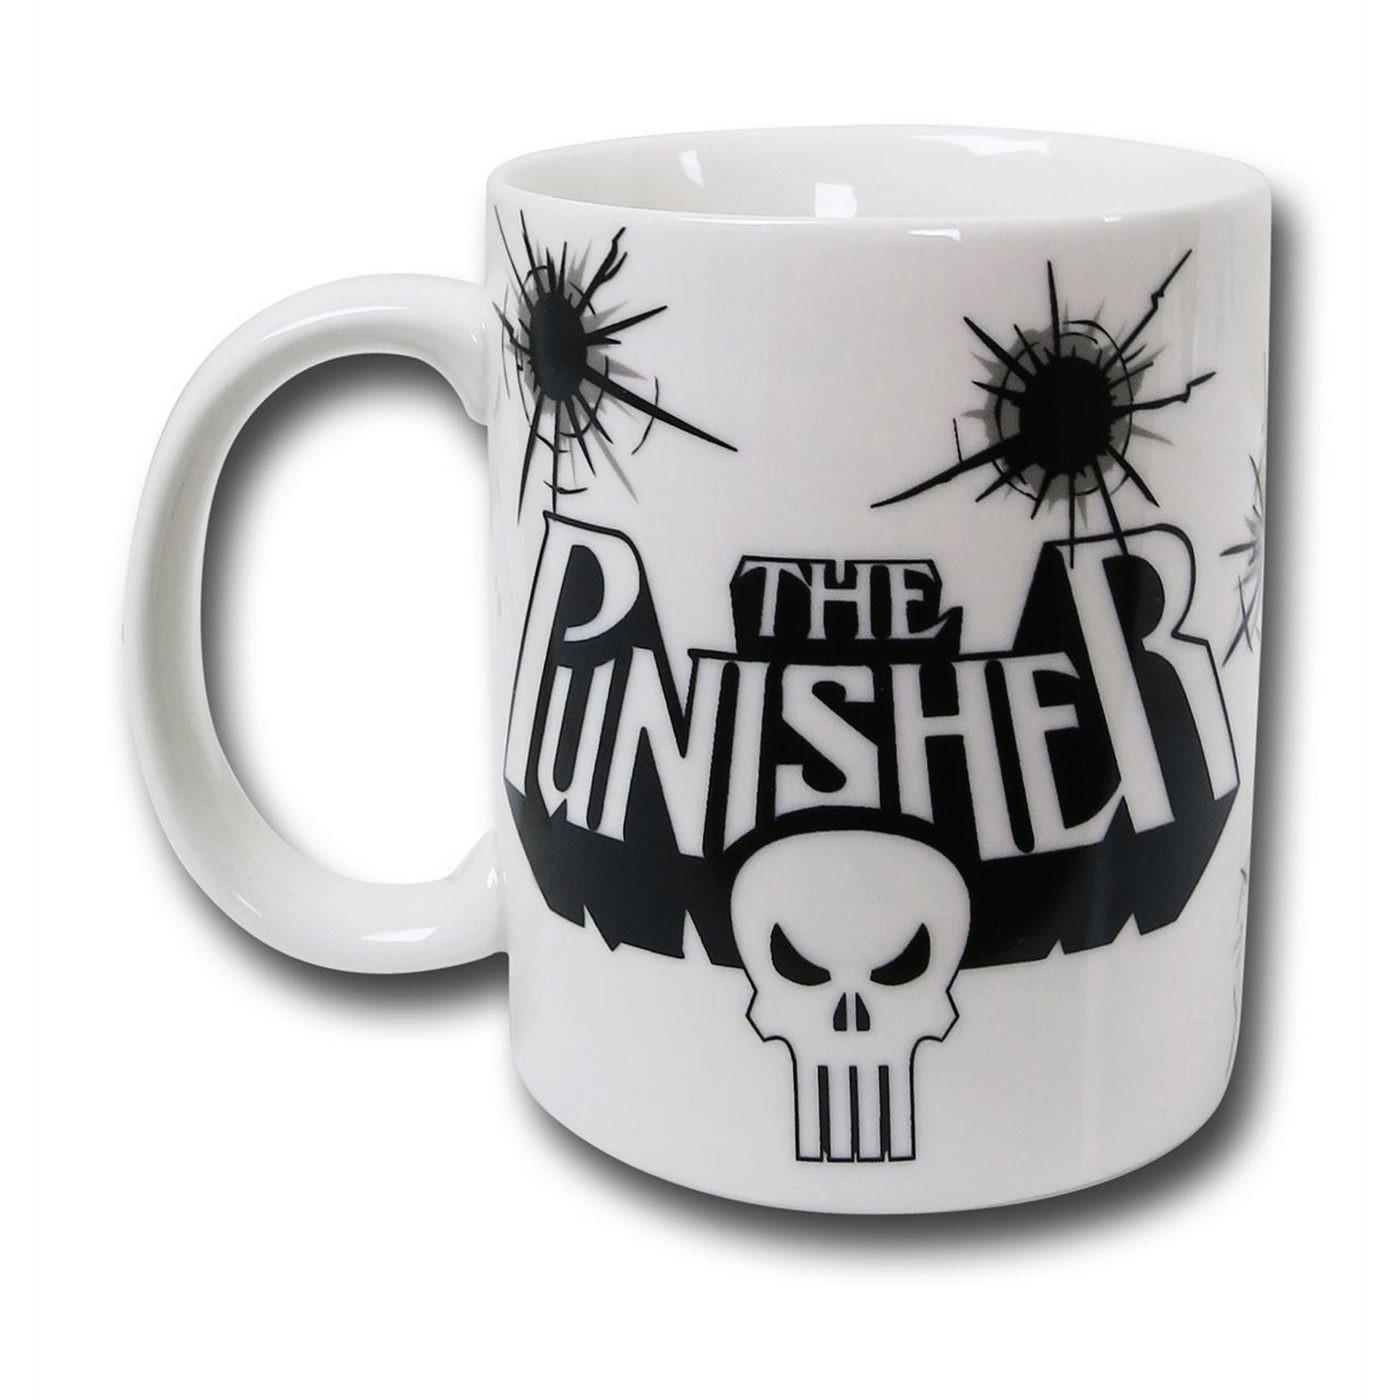 Punisher Symbol White 11.5 Mug